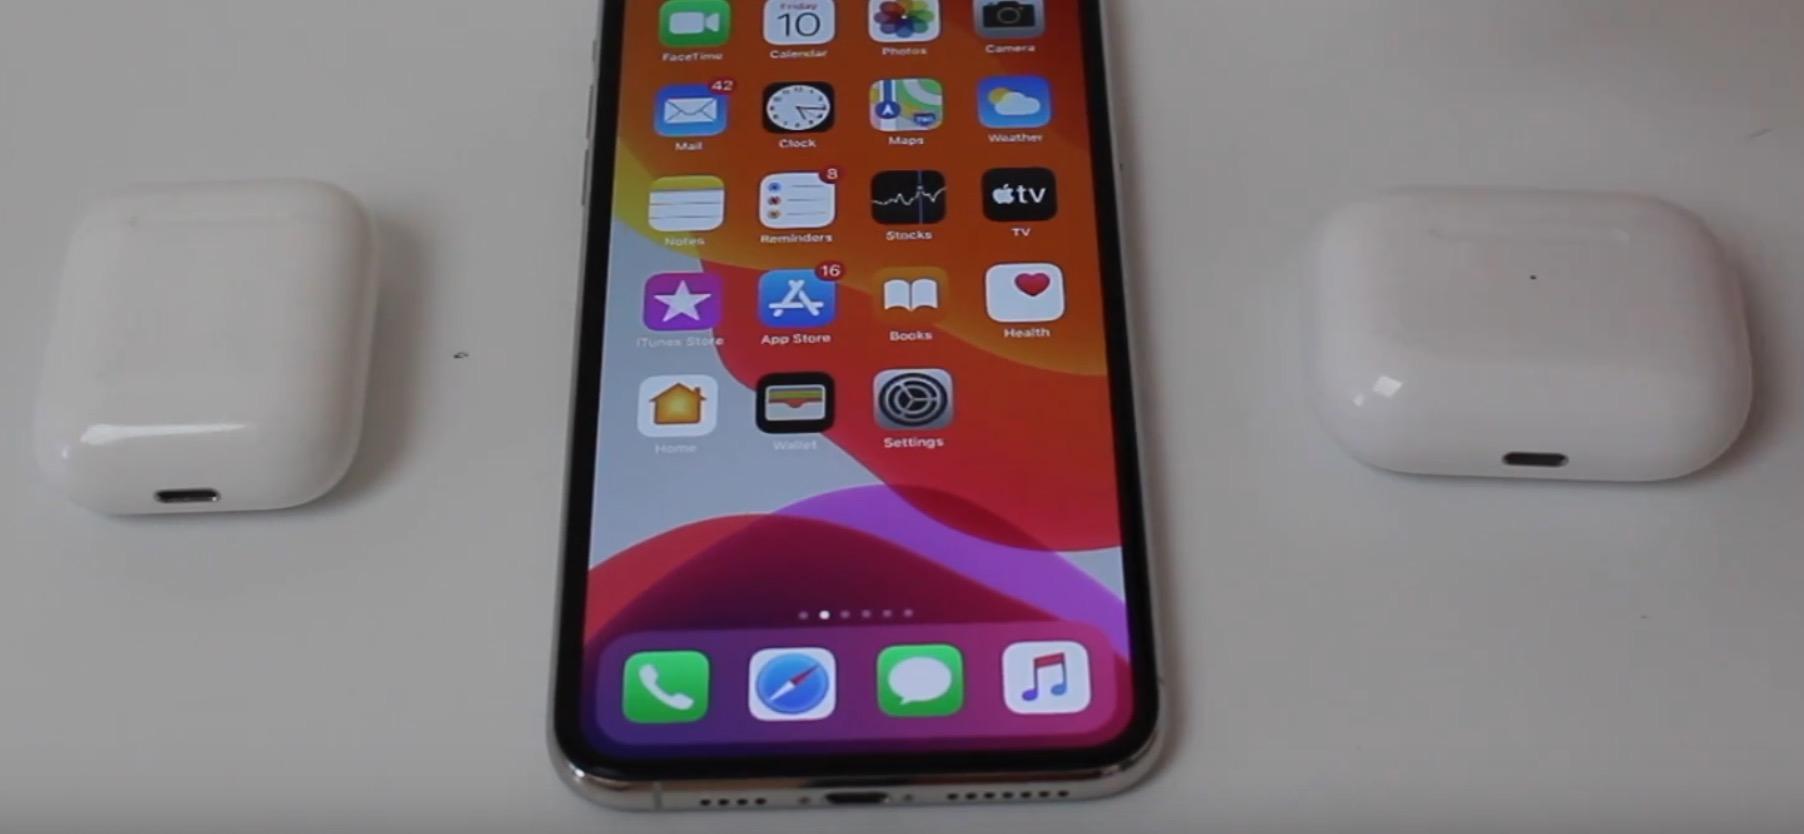 Iphone не видит Аirpods - как исправить